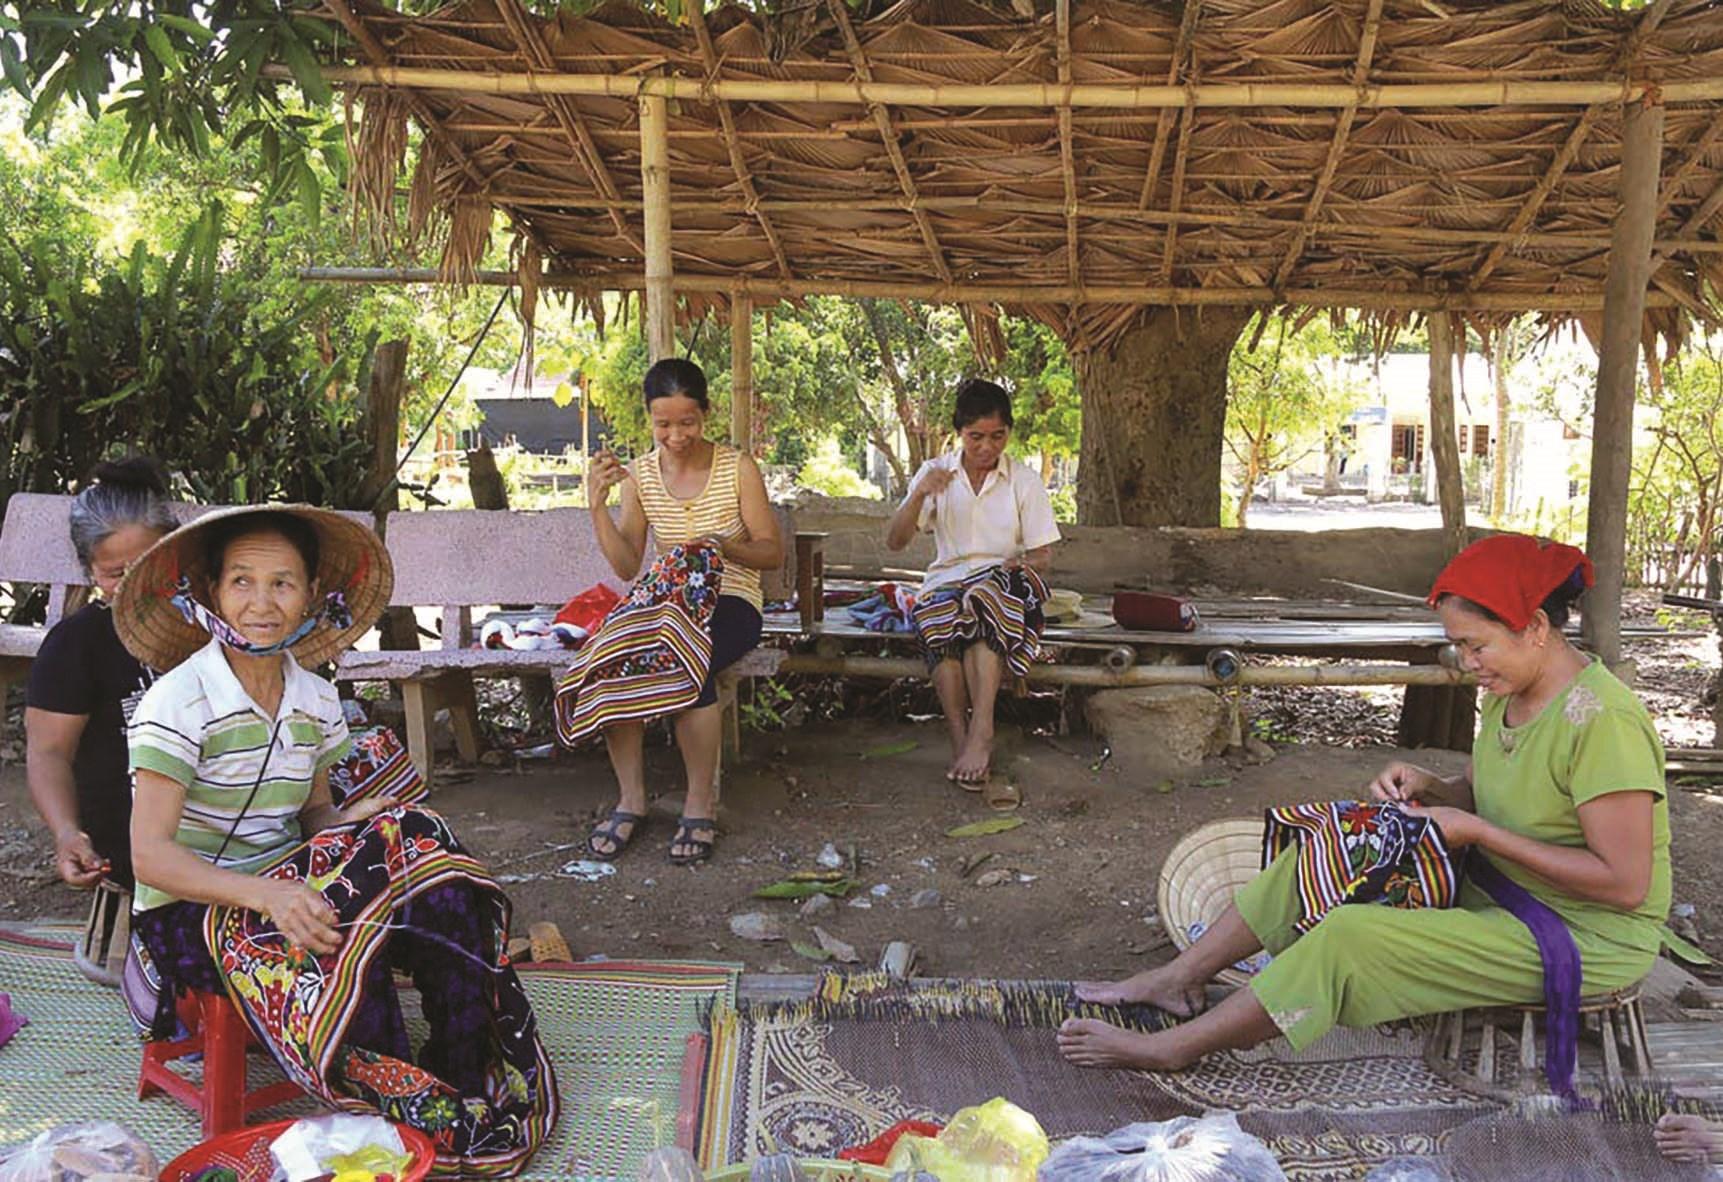 Lúc nông nhàn người dân làng nghề thổ cẩm Thái Minh tranh thủ sản xuất thổ cẩm tăng thu nhập